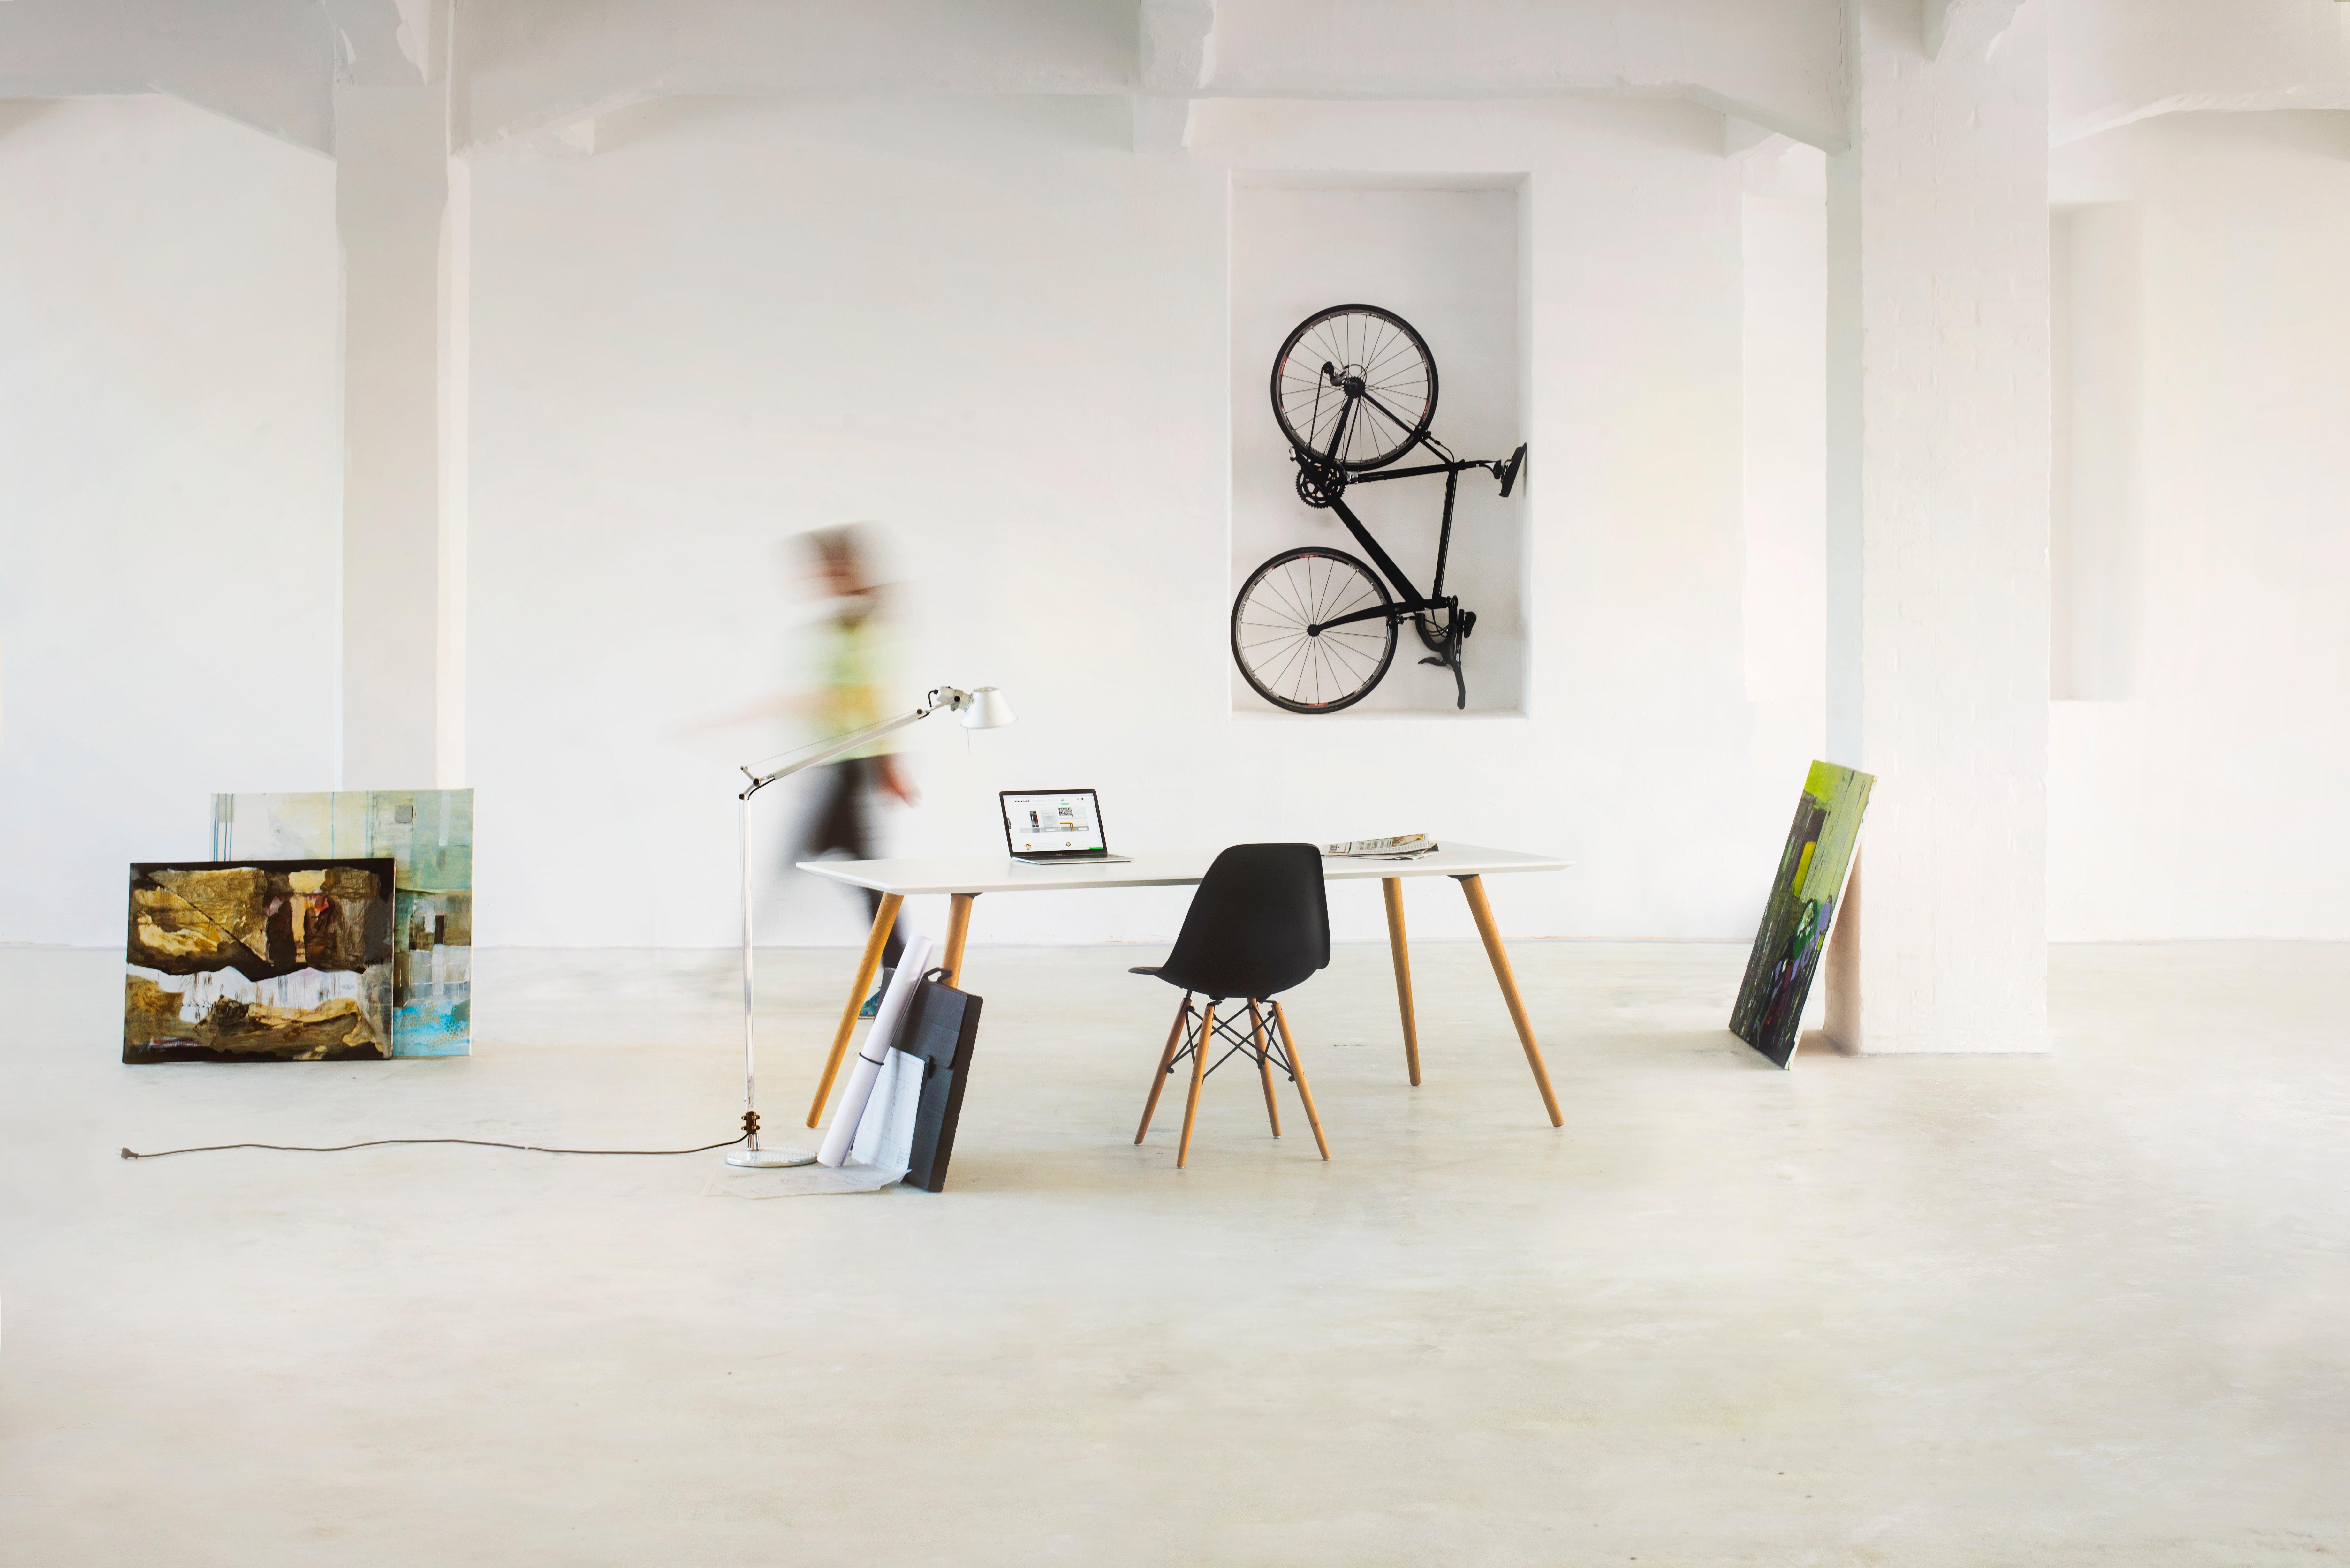 Minimalistische indeling van ruimte met bureau met stoel